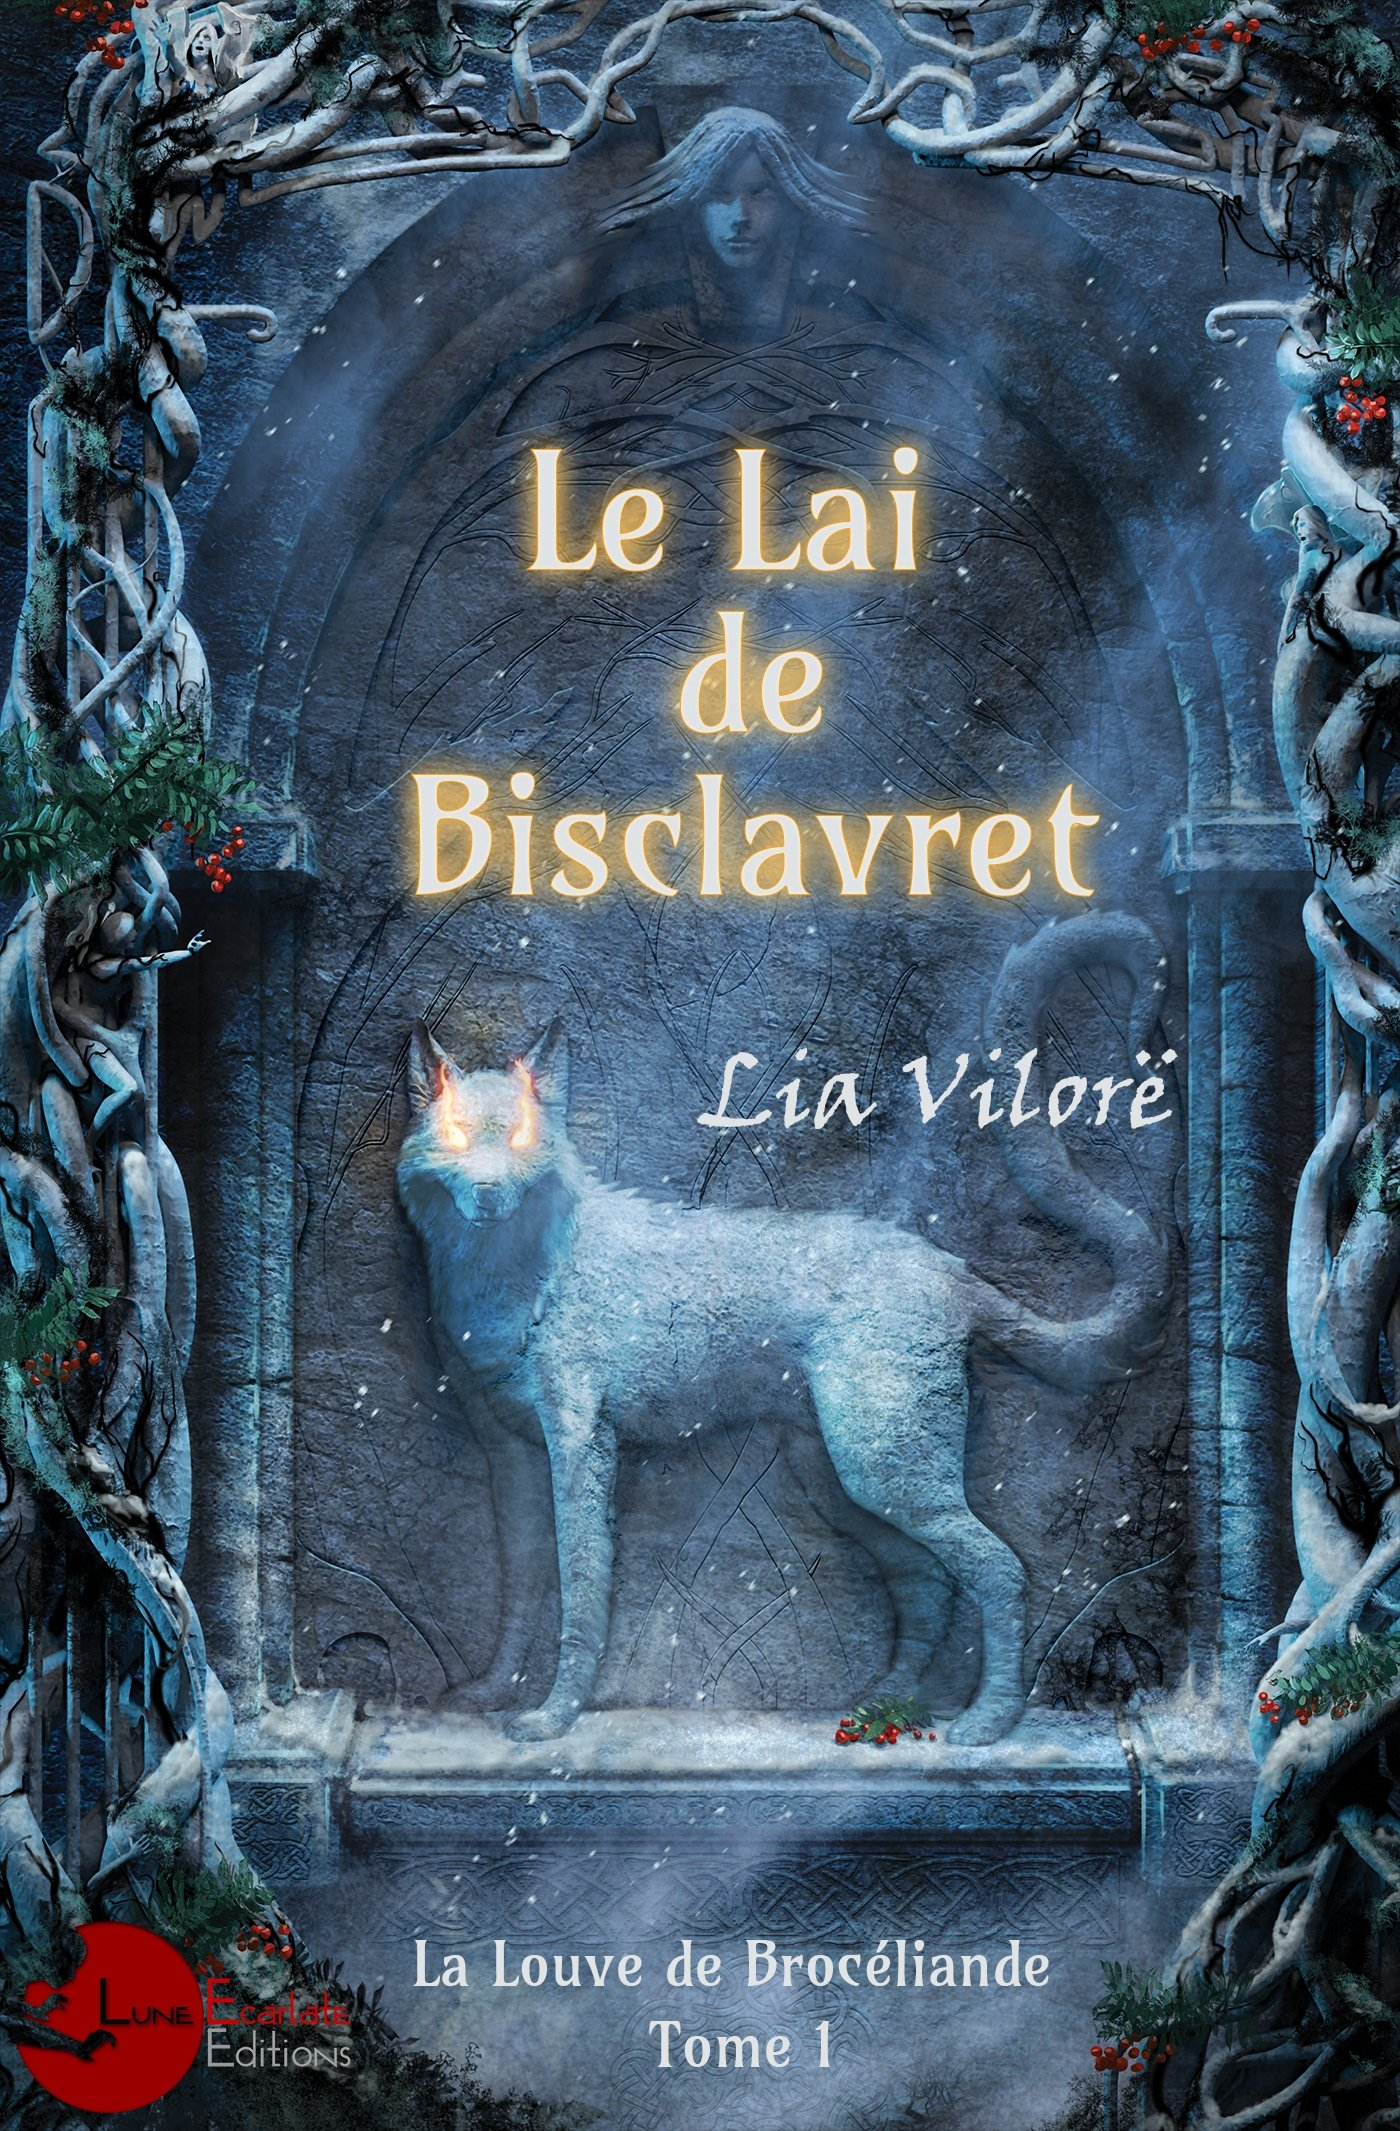 La Louve de Brocéliande Tome 1 - Le Lai de Bisclavret: 9782369761853 ...